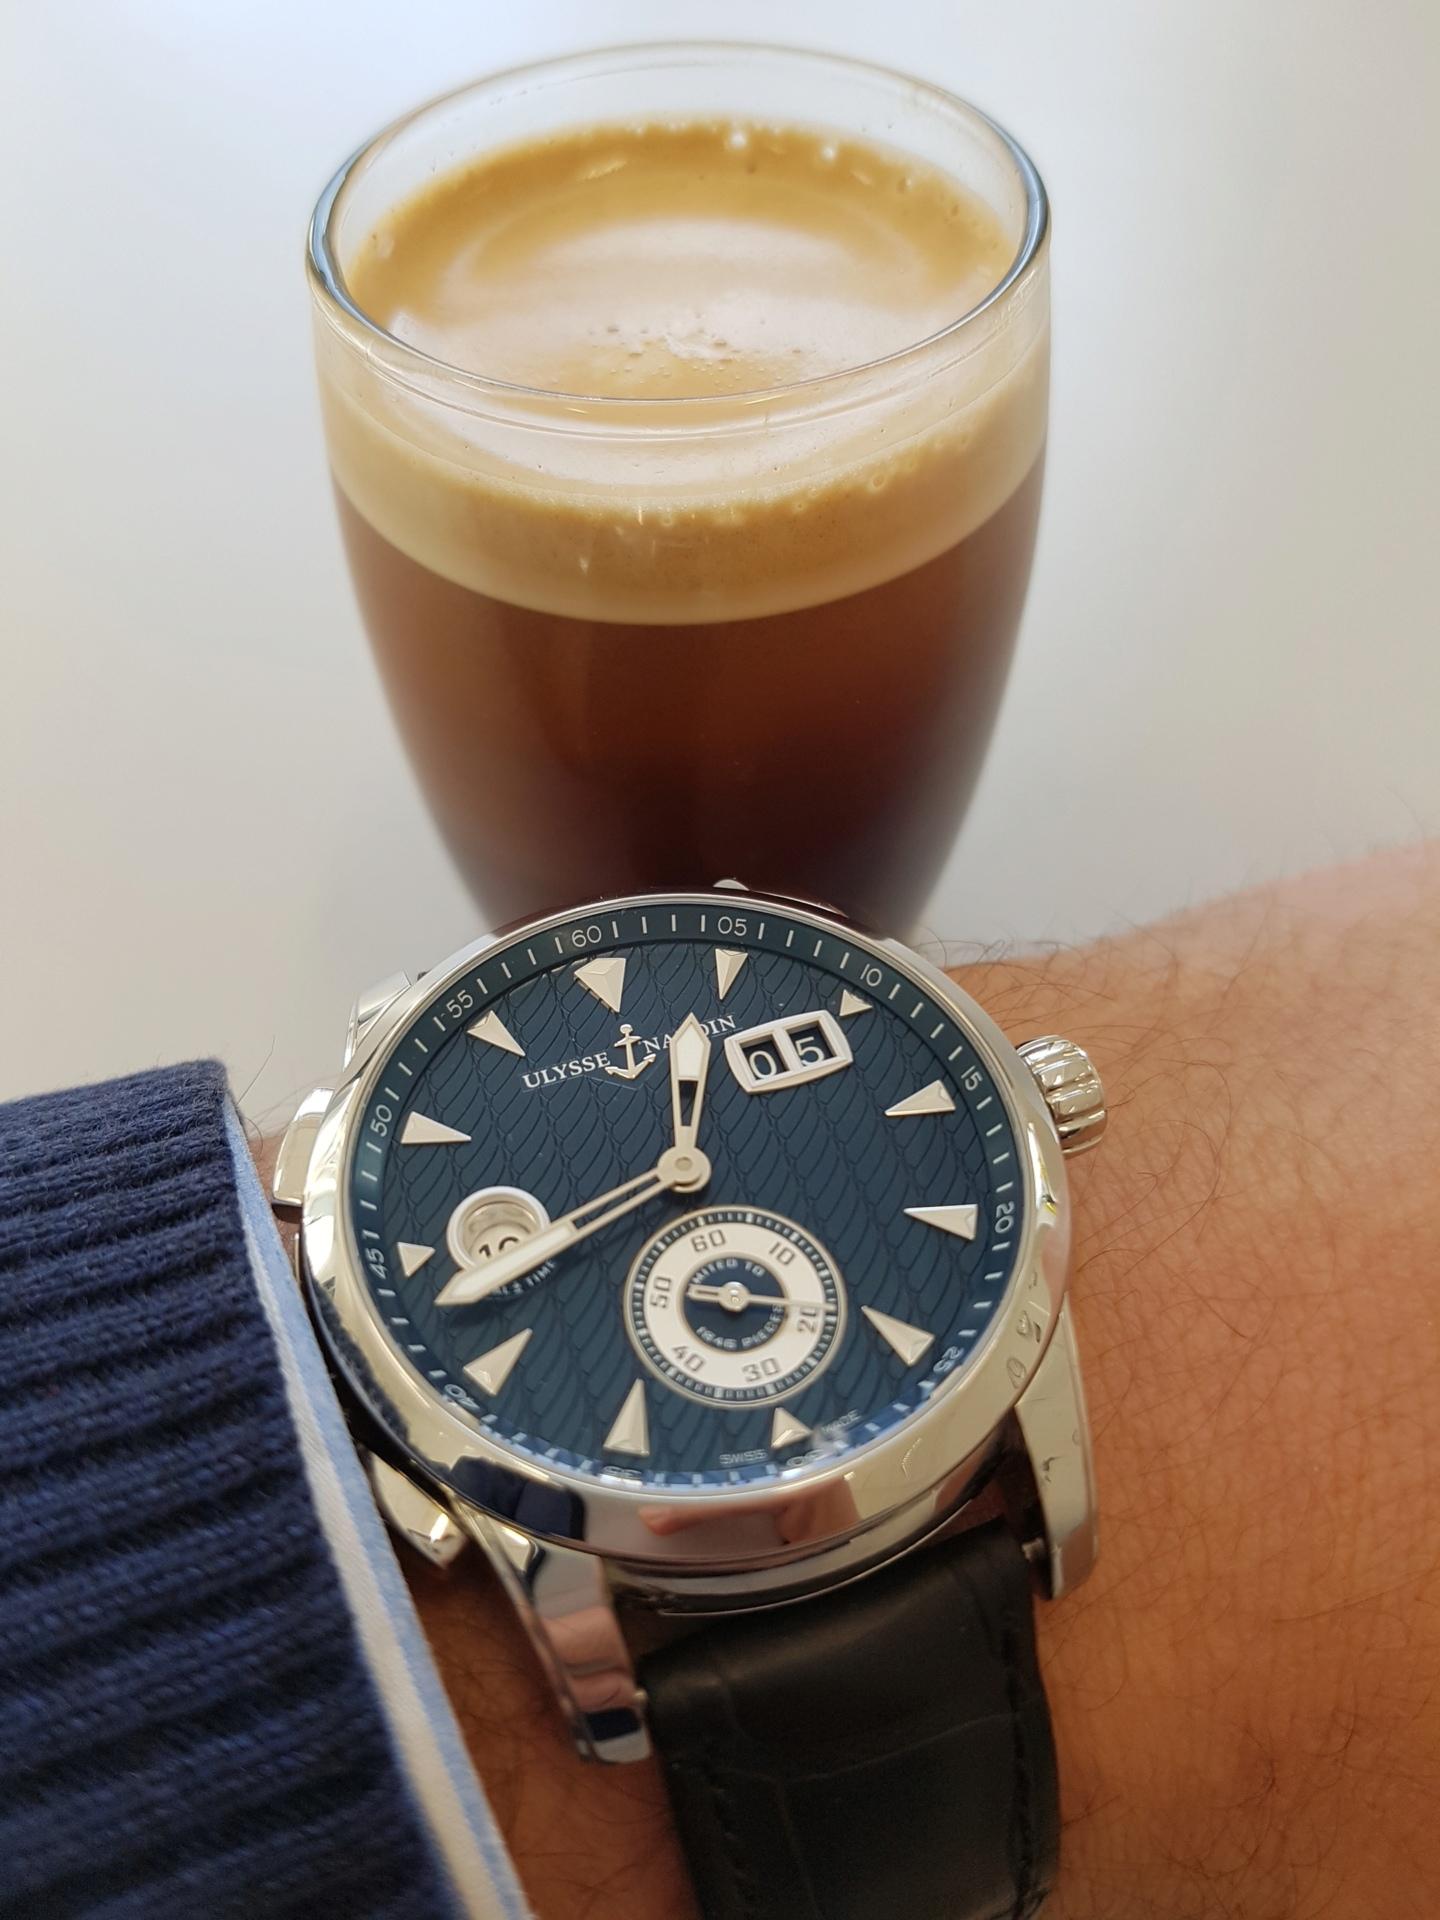 Pause café et montre (toutes marques) - tome III - Page 40 20190210